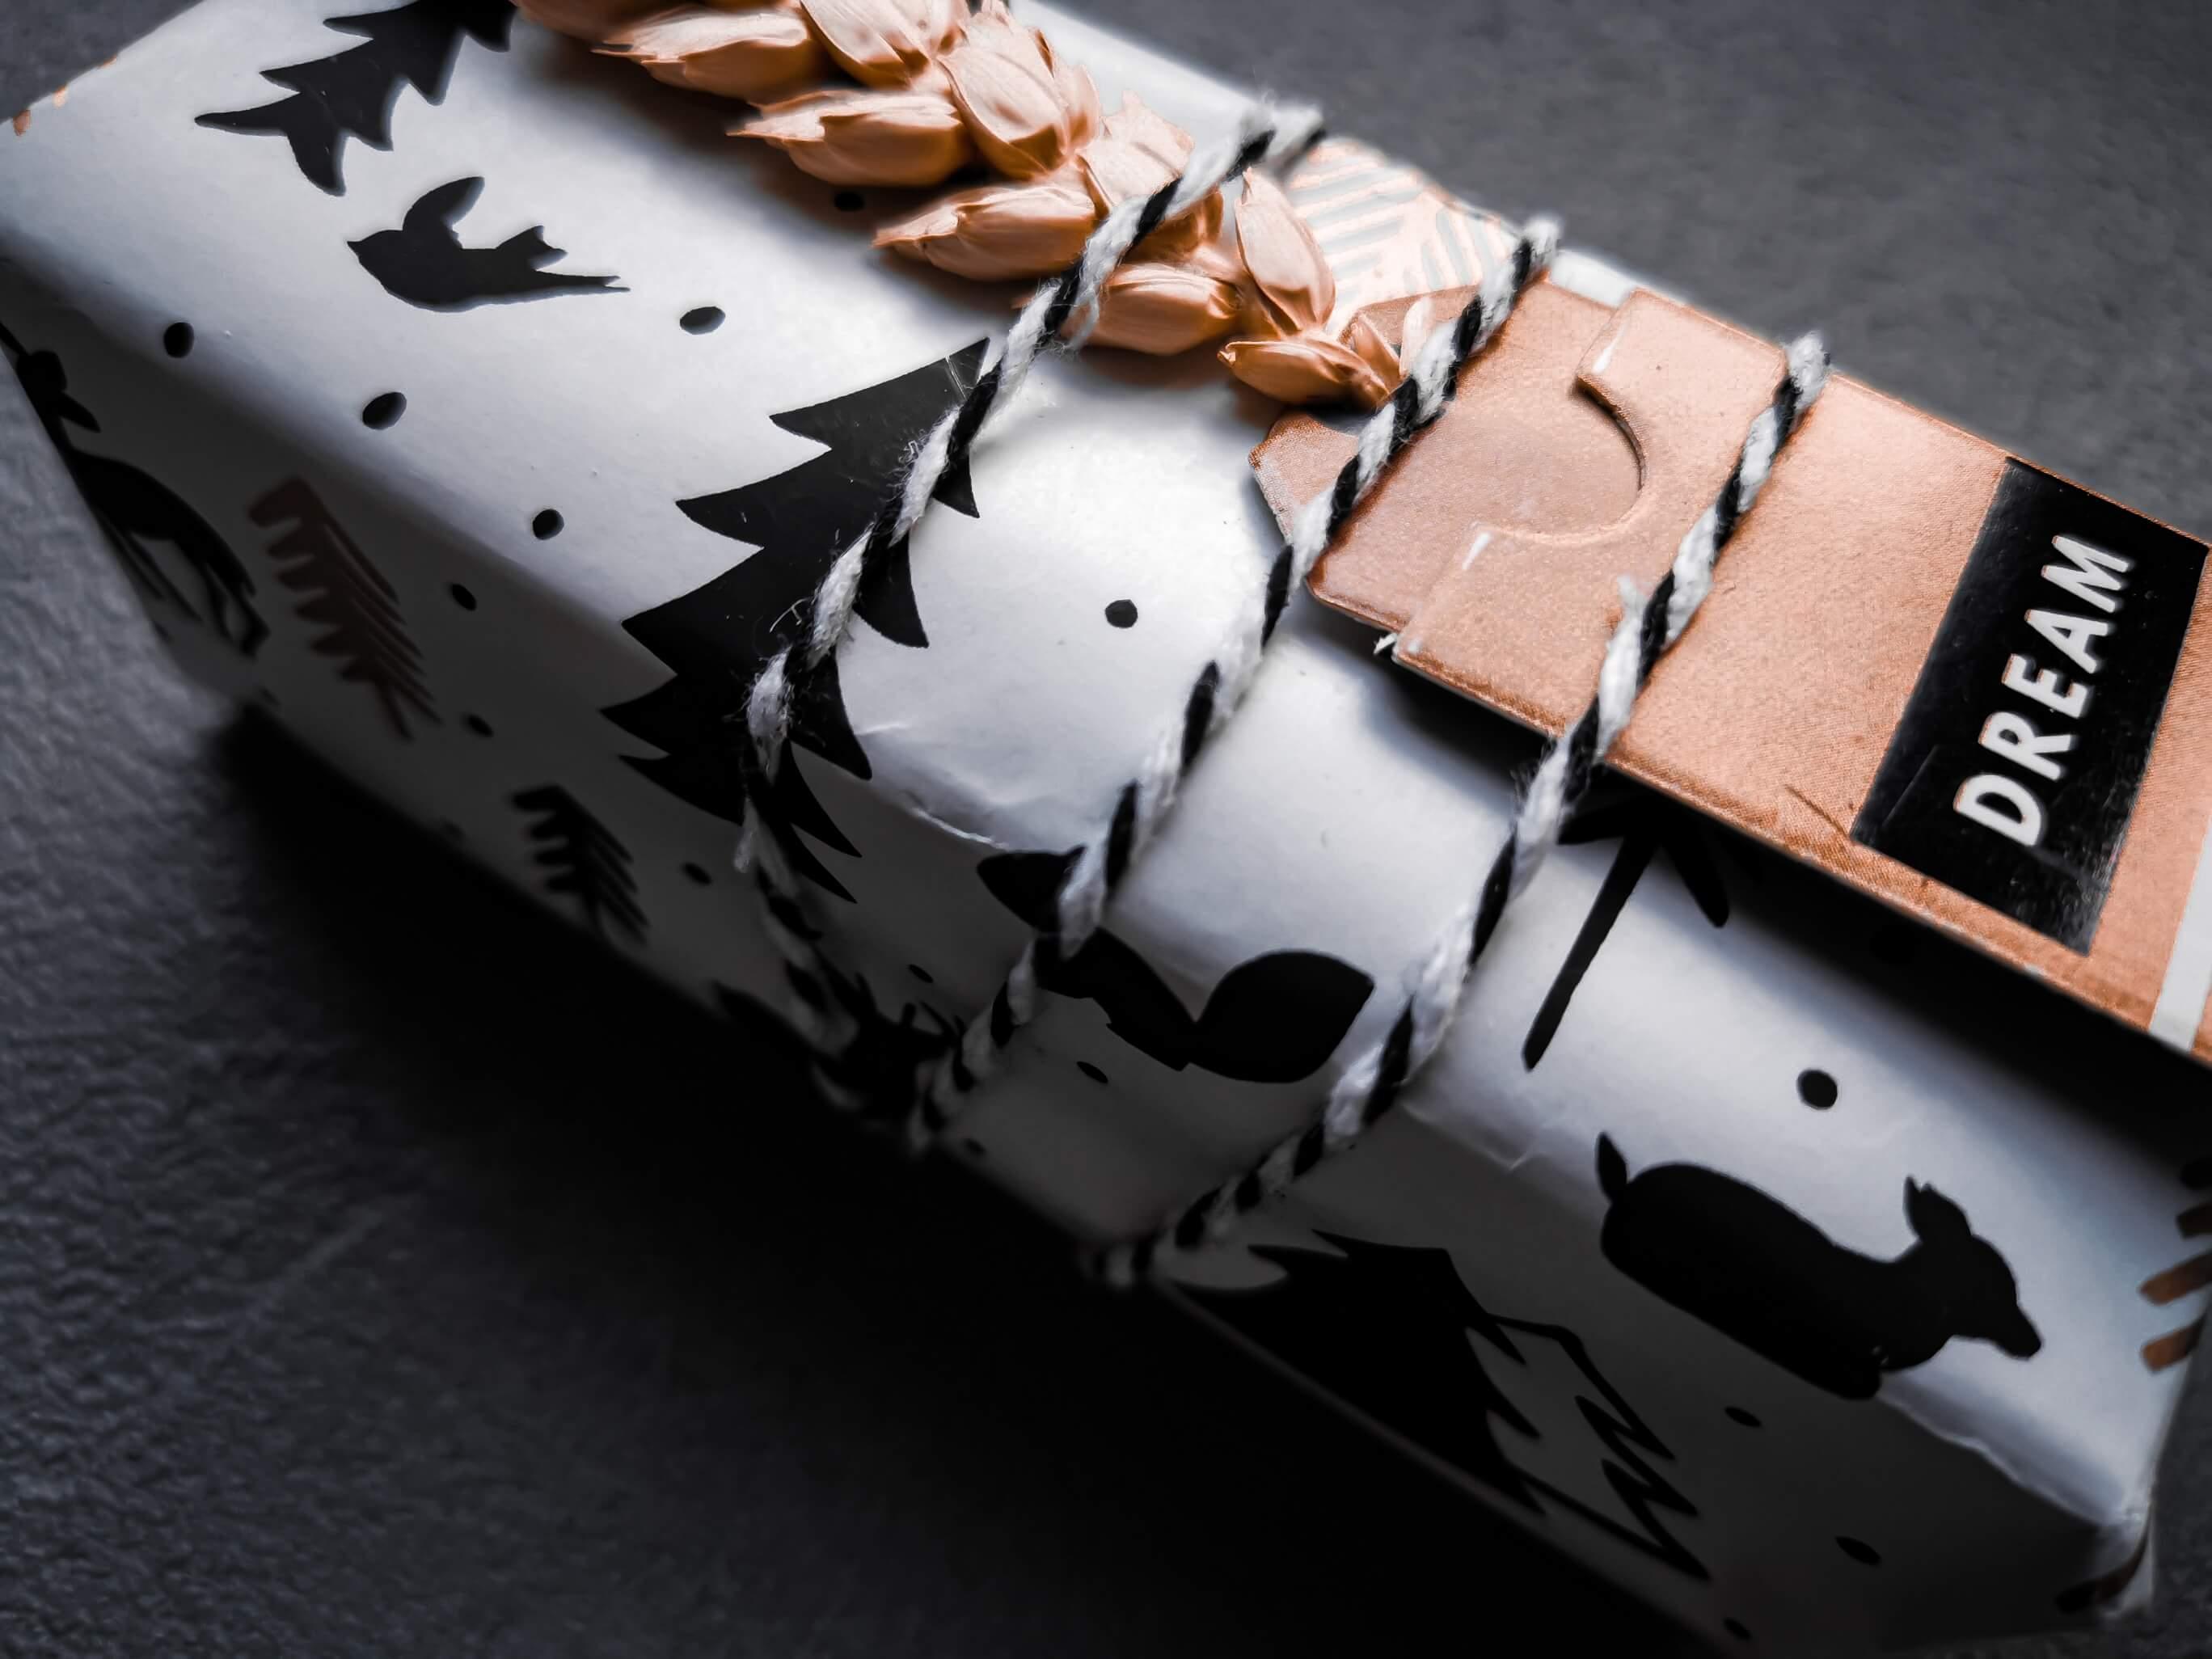 IMG 20191207 112832 resized 20191208 060251620 - 11 tipov ako zabaliť vianočné darčeky originálne a kreatívne